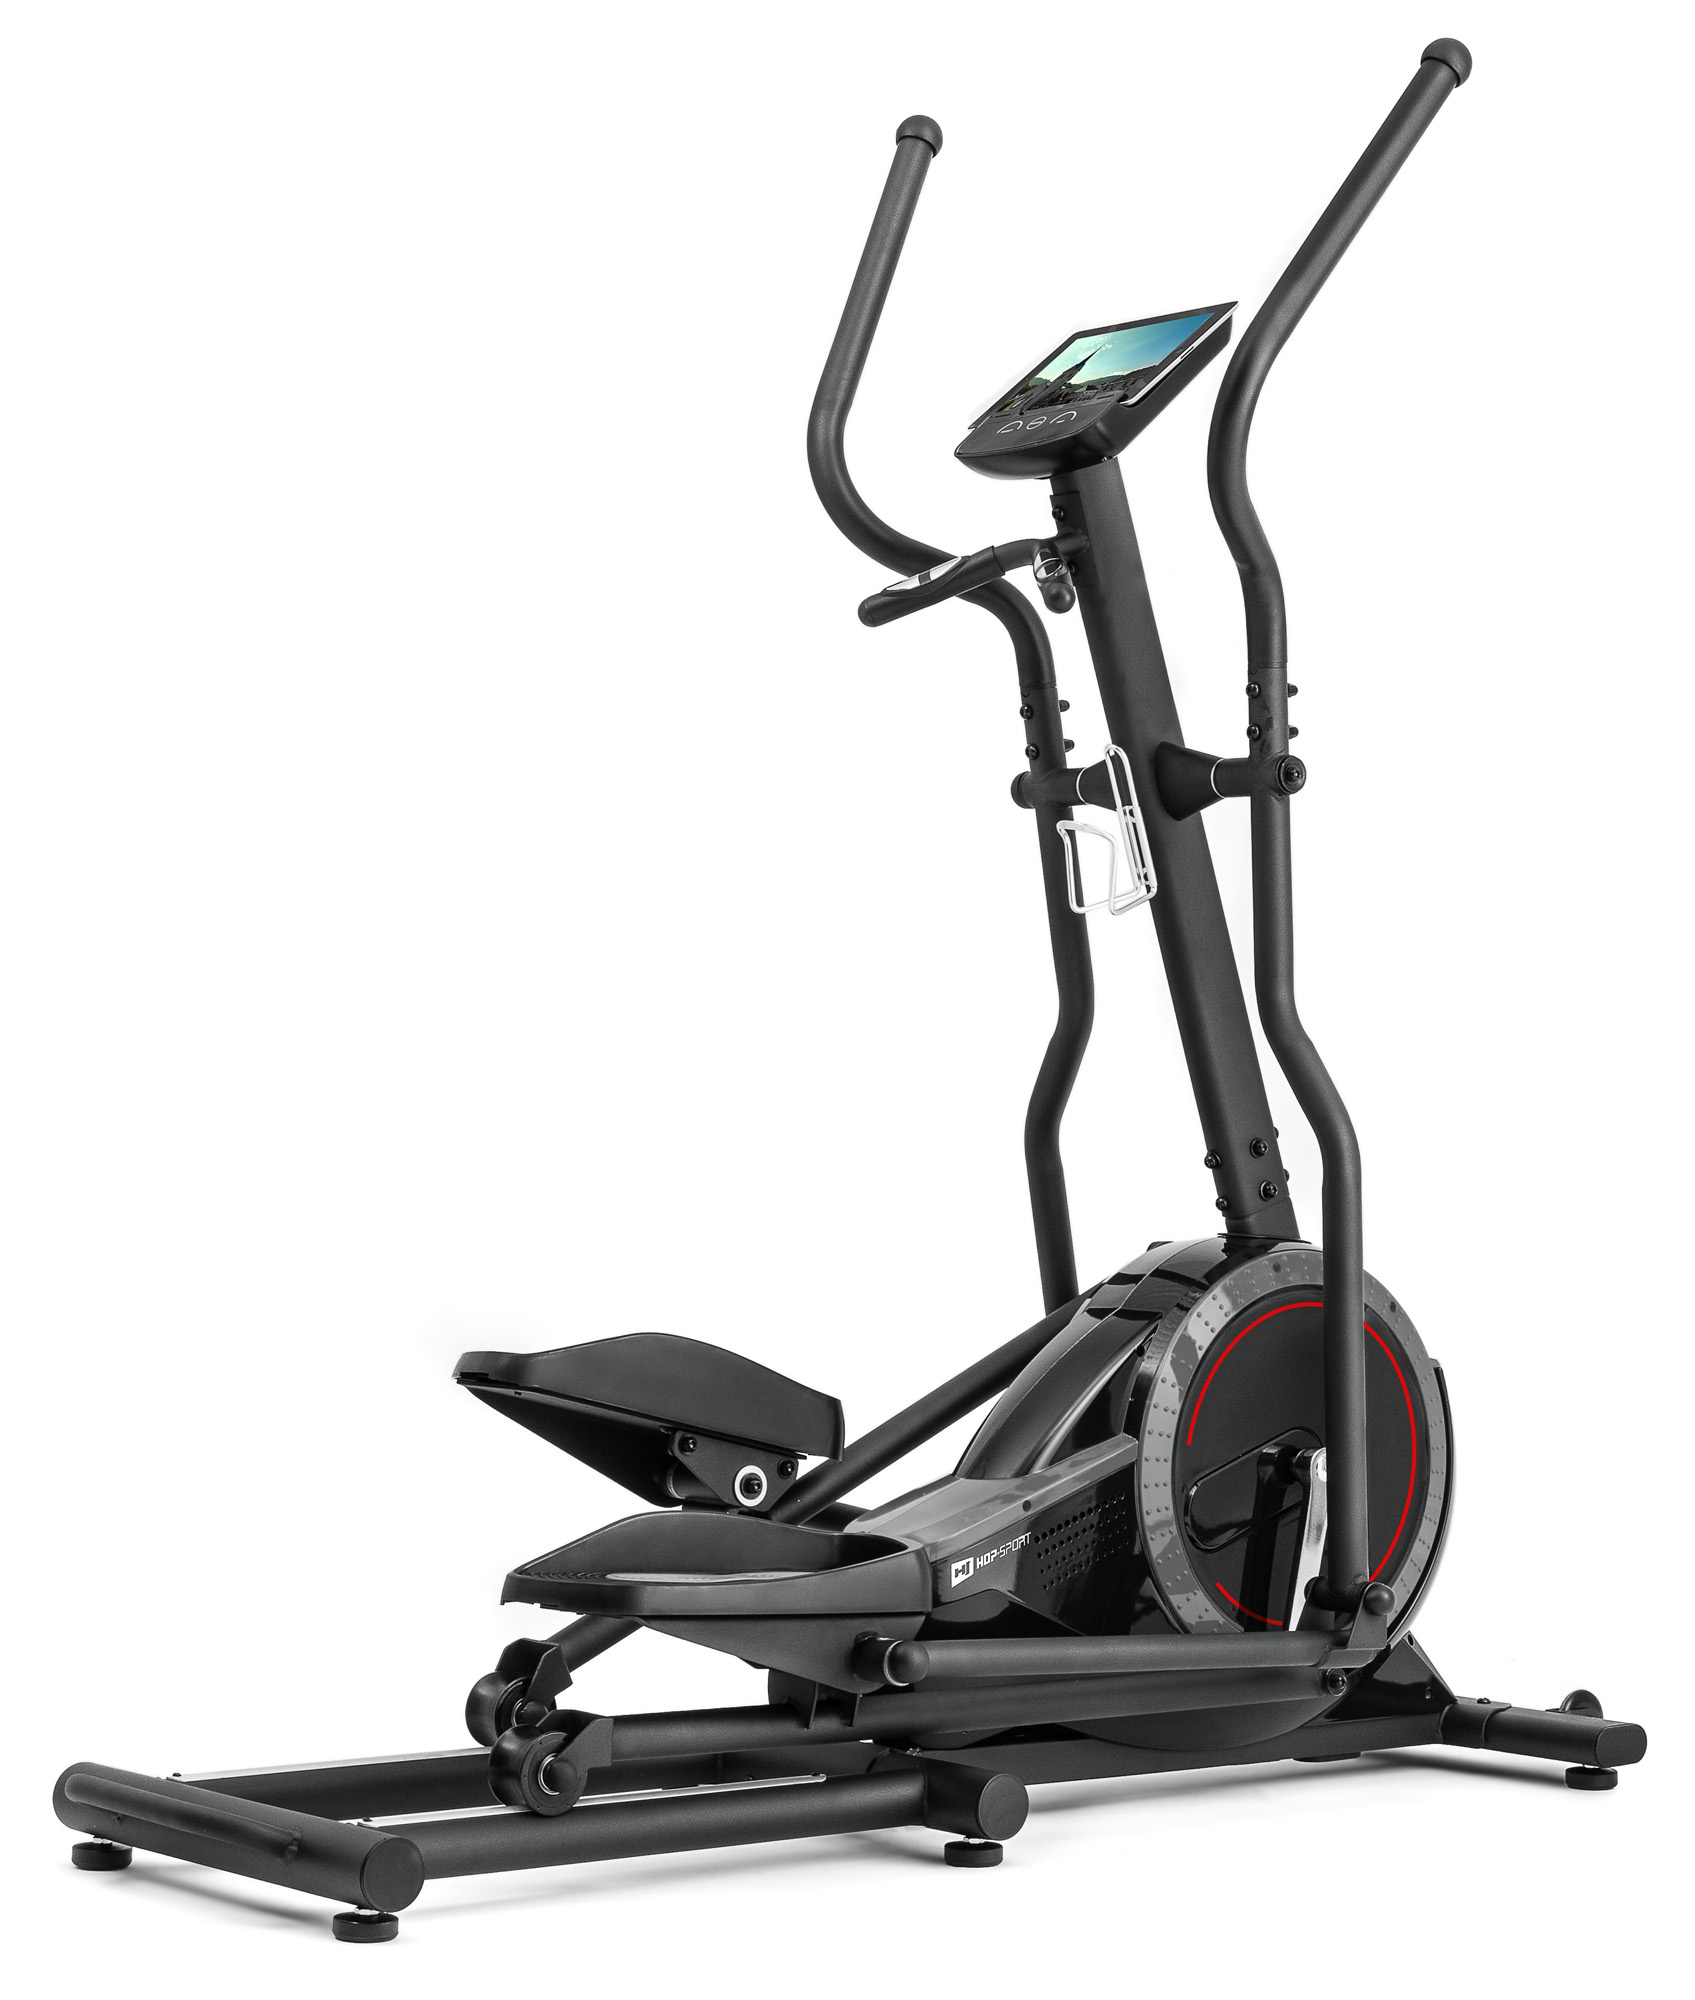 Crosstrainer HS-070C Buzz schwarz//grau von Hop-Sport Ellipsentrainer mit Pulsmessung 18kg Schwungmasse Belastbarkeit bis 150kg